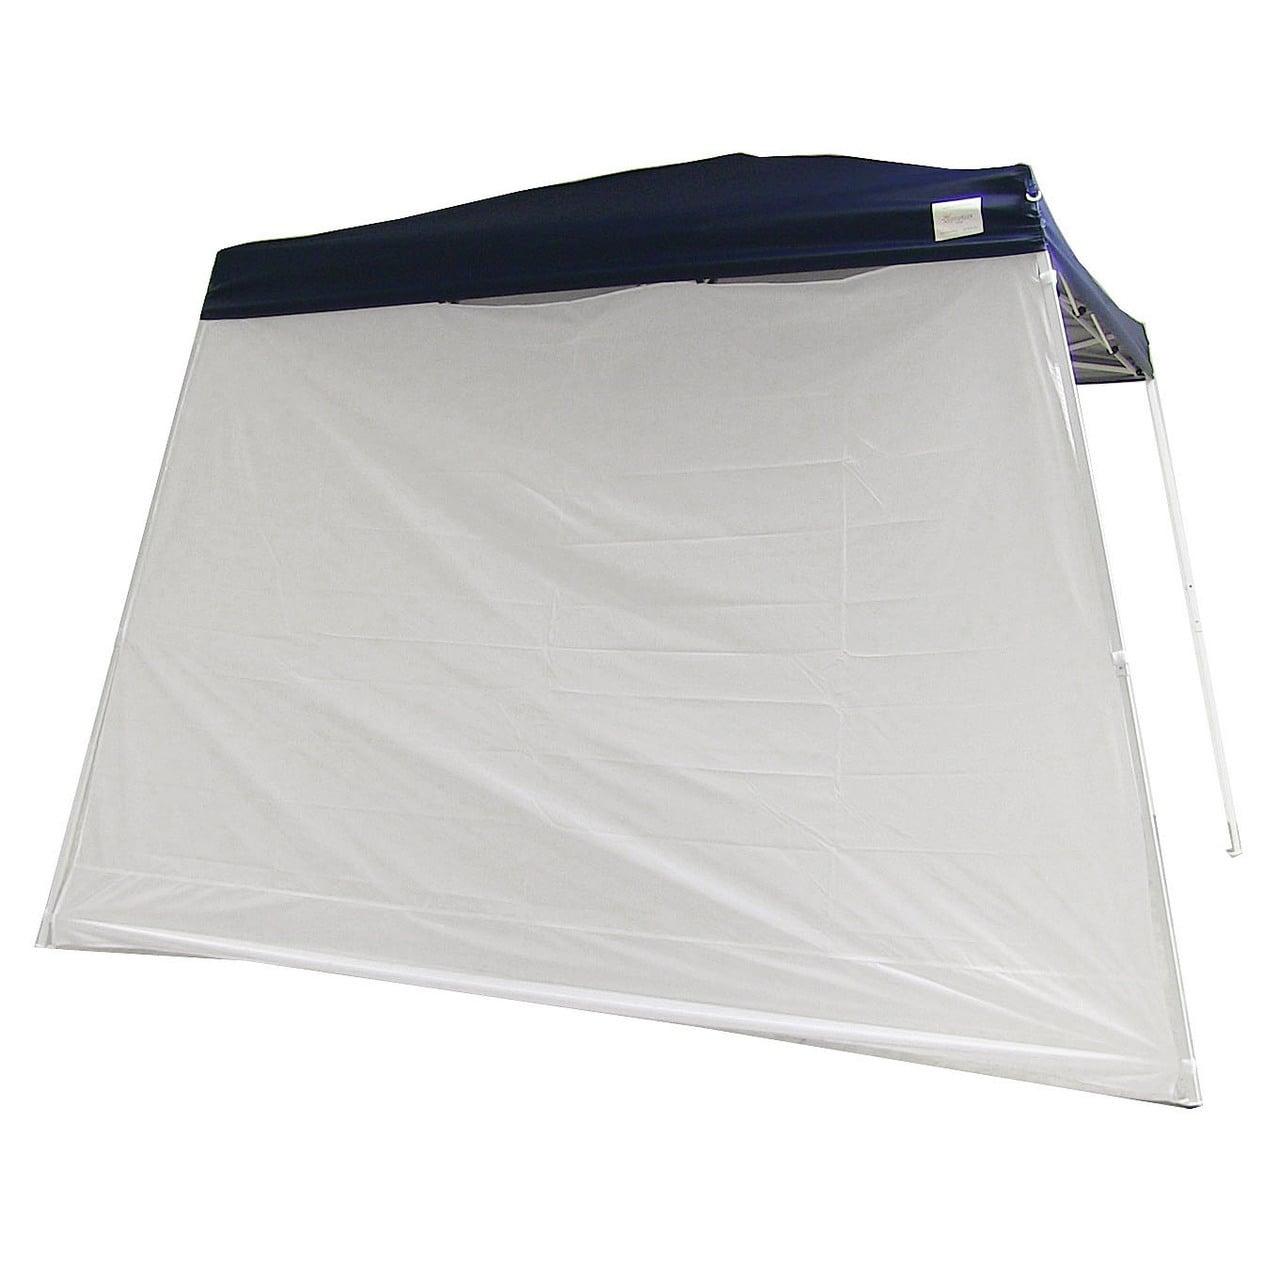 Sunnydaze Quick-Up Slant Leg Canopy Sidewall - 1 Panel, Multiple Sizes Available - Thumbnail 2